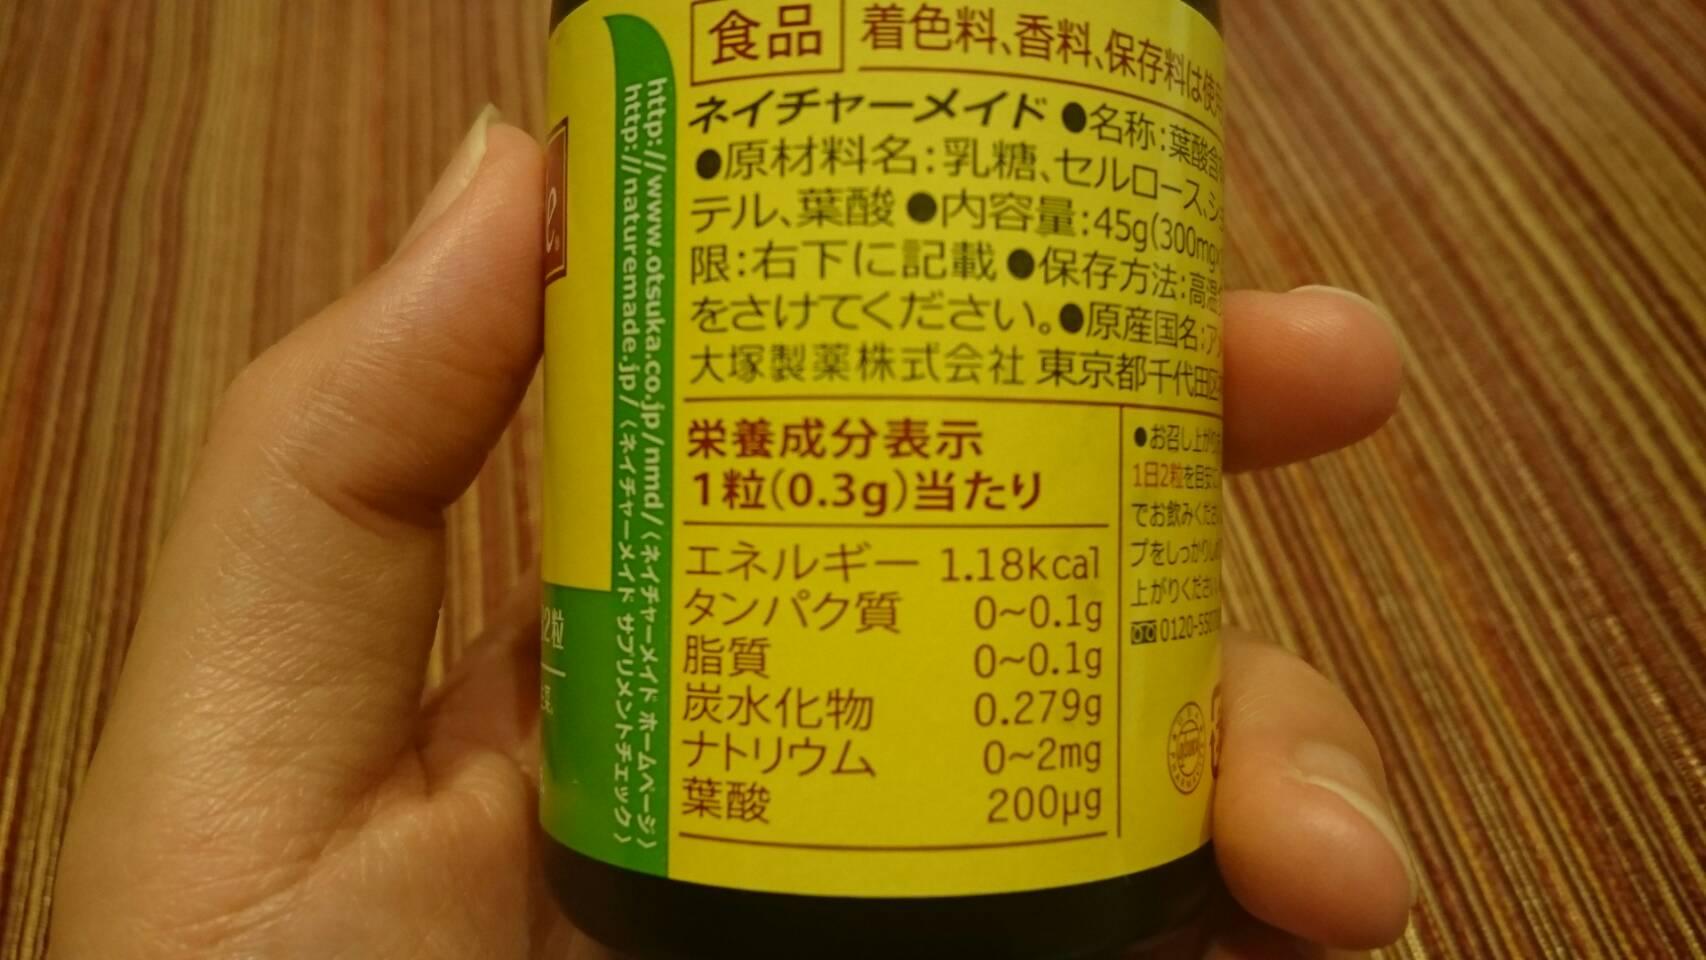 ネイチャーメイドの葉酸サプリの栄養成分表示